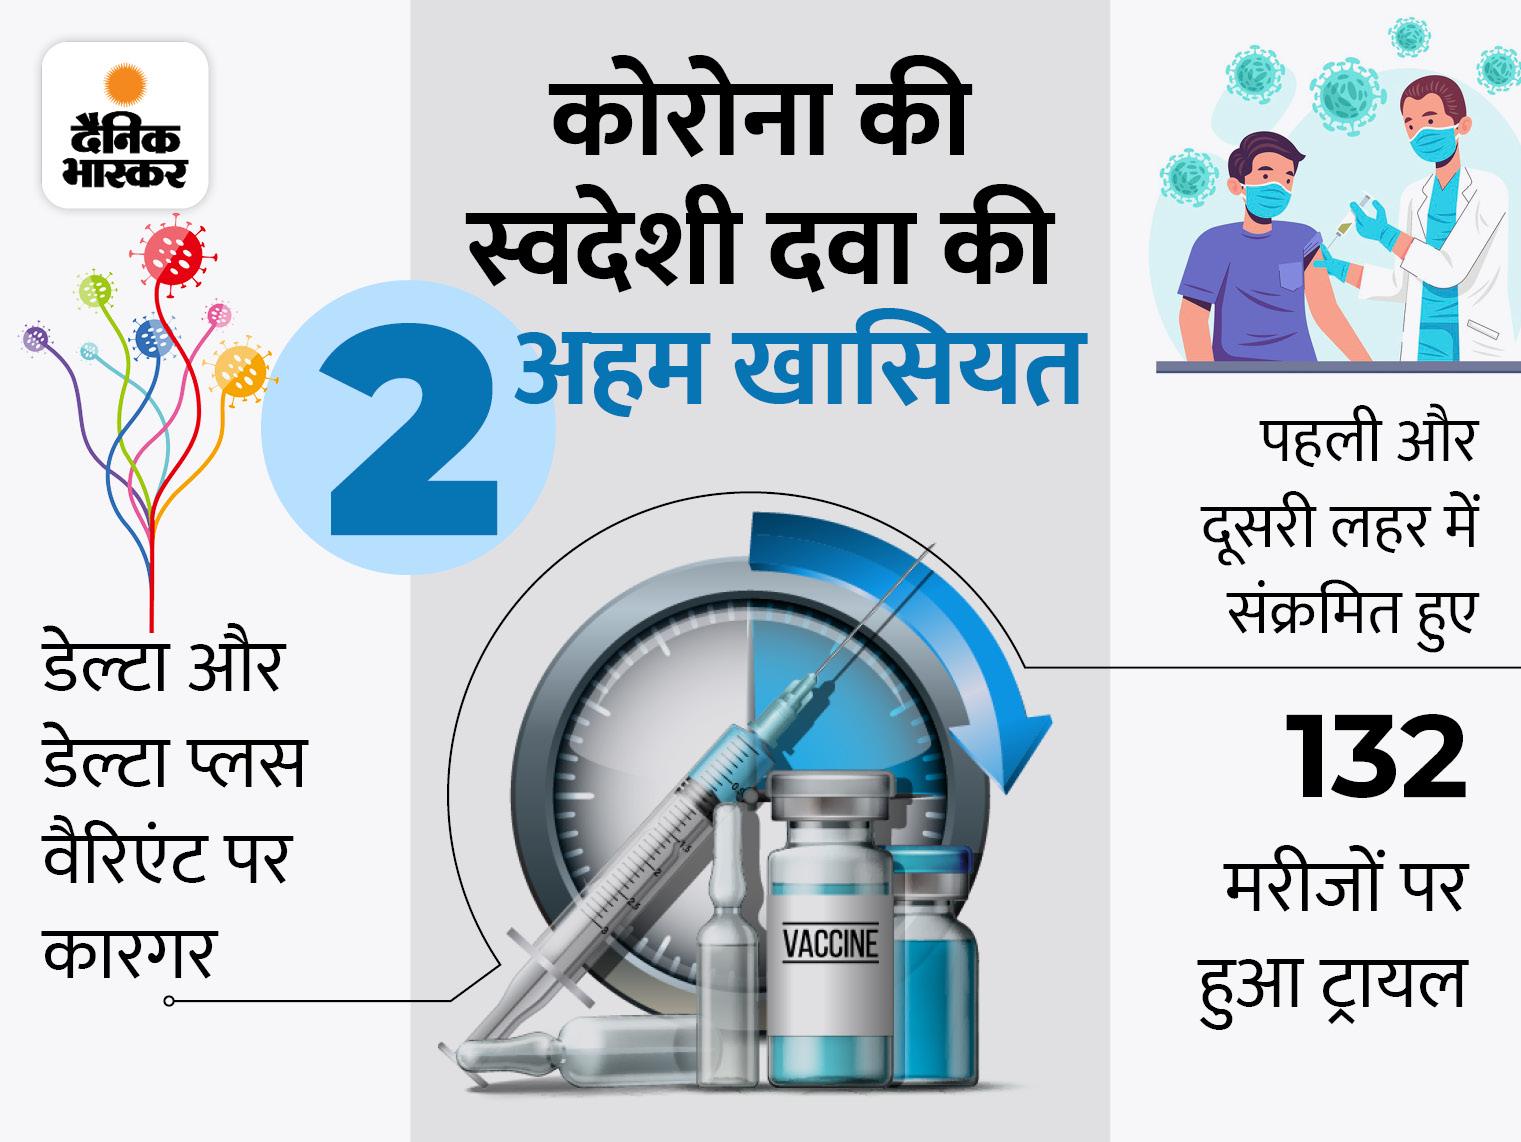 CDRI ने कहा- महज 5 दिन में कम हो जाएगा वायरस का लोड, गर्भवती महिलाओं और बच्चों पर भी कारगर|लखनऊ,Lucknow - Dainik Bhaskar